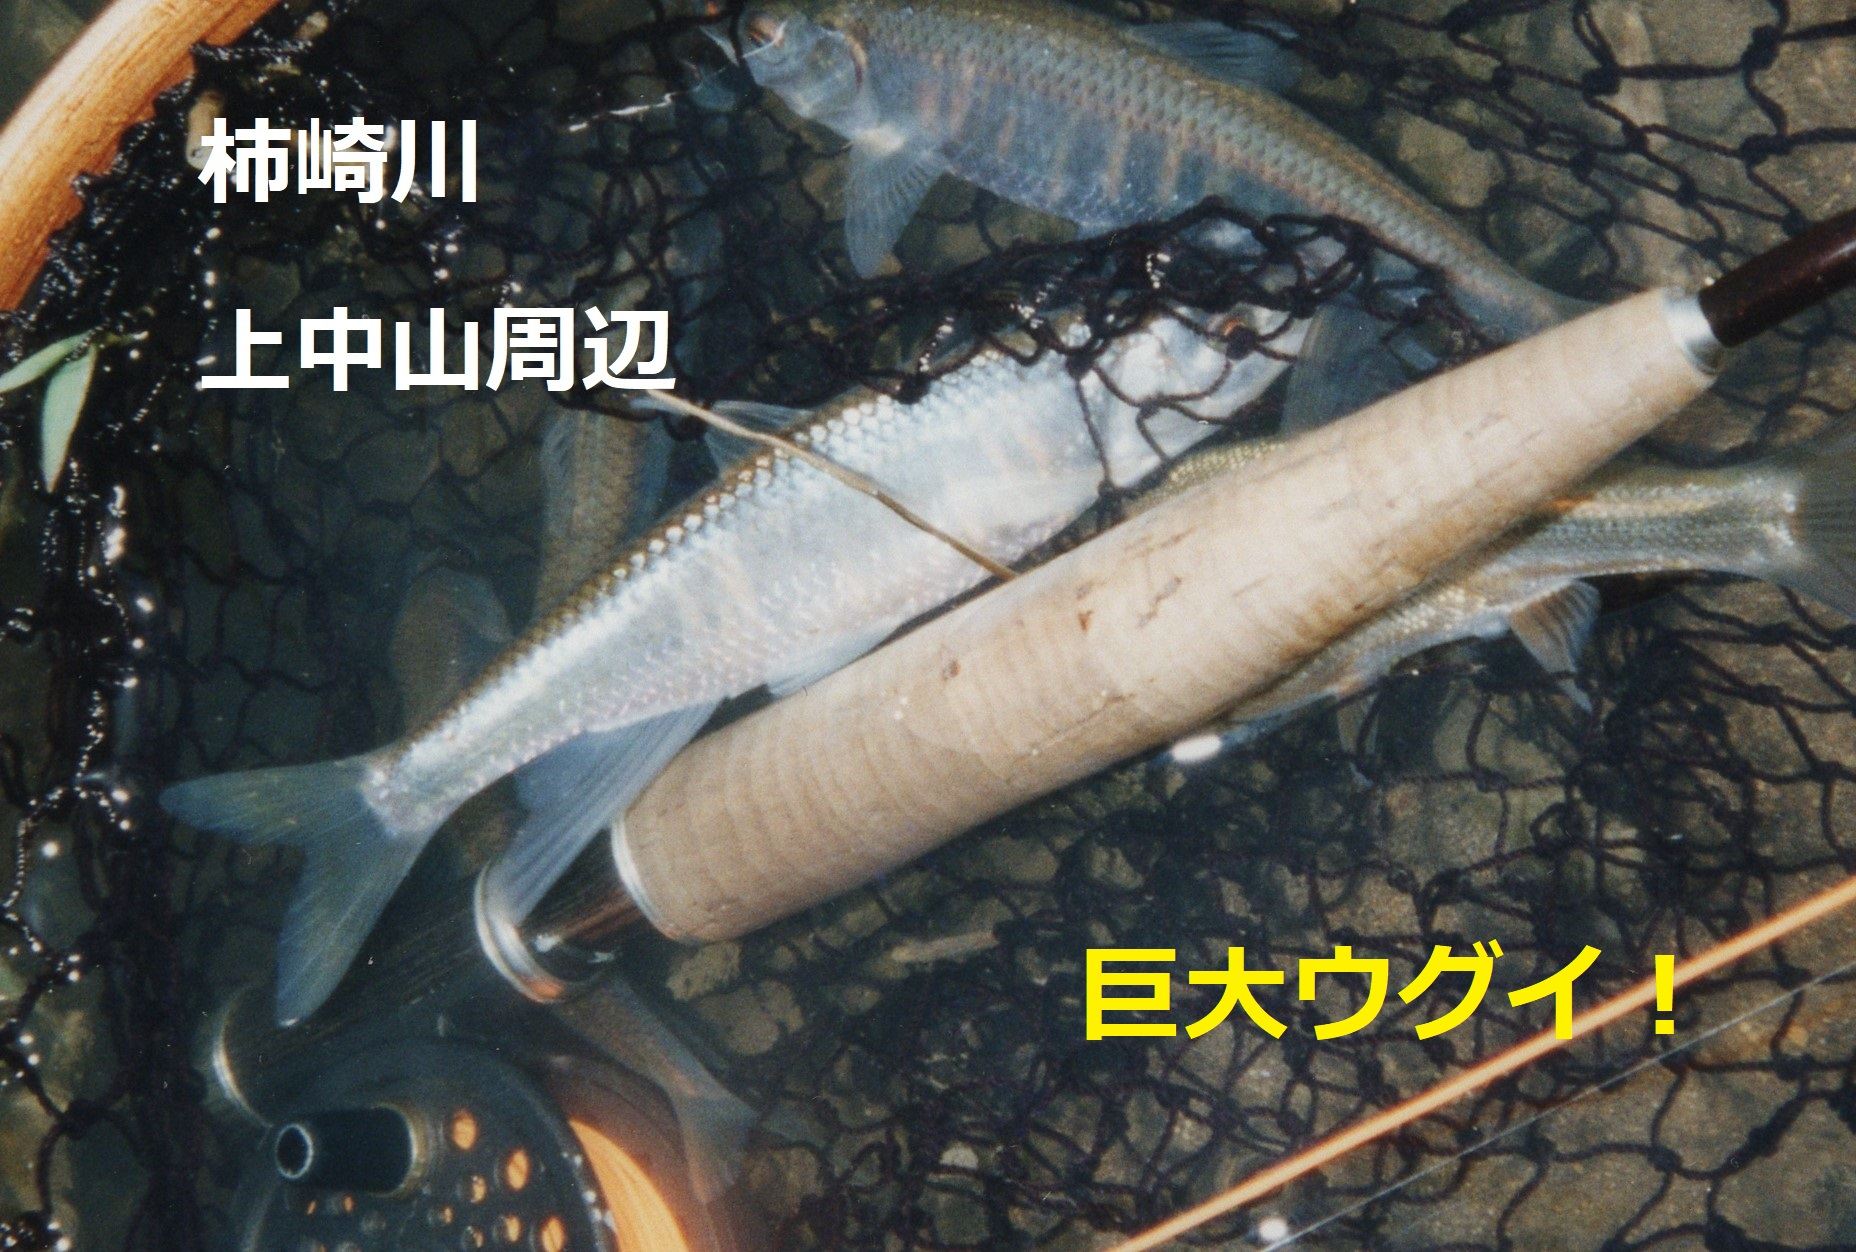 柿崎川 オイカワ